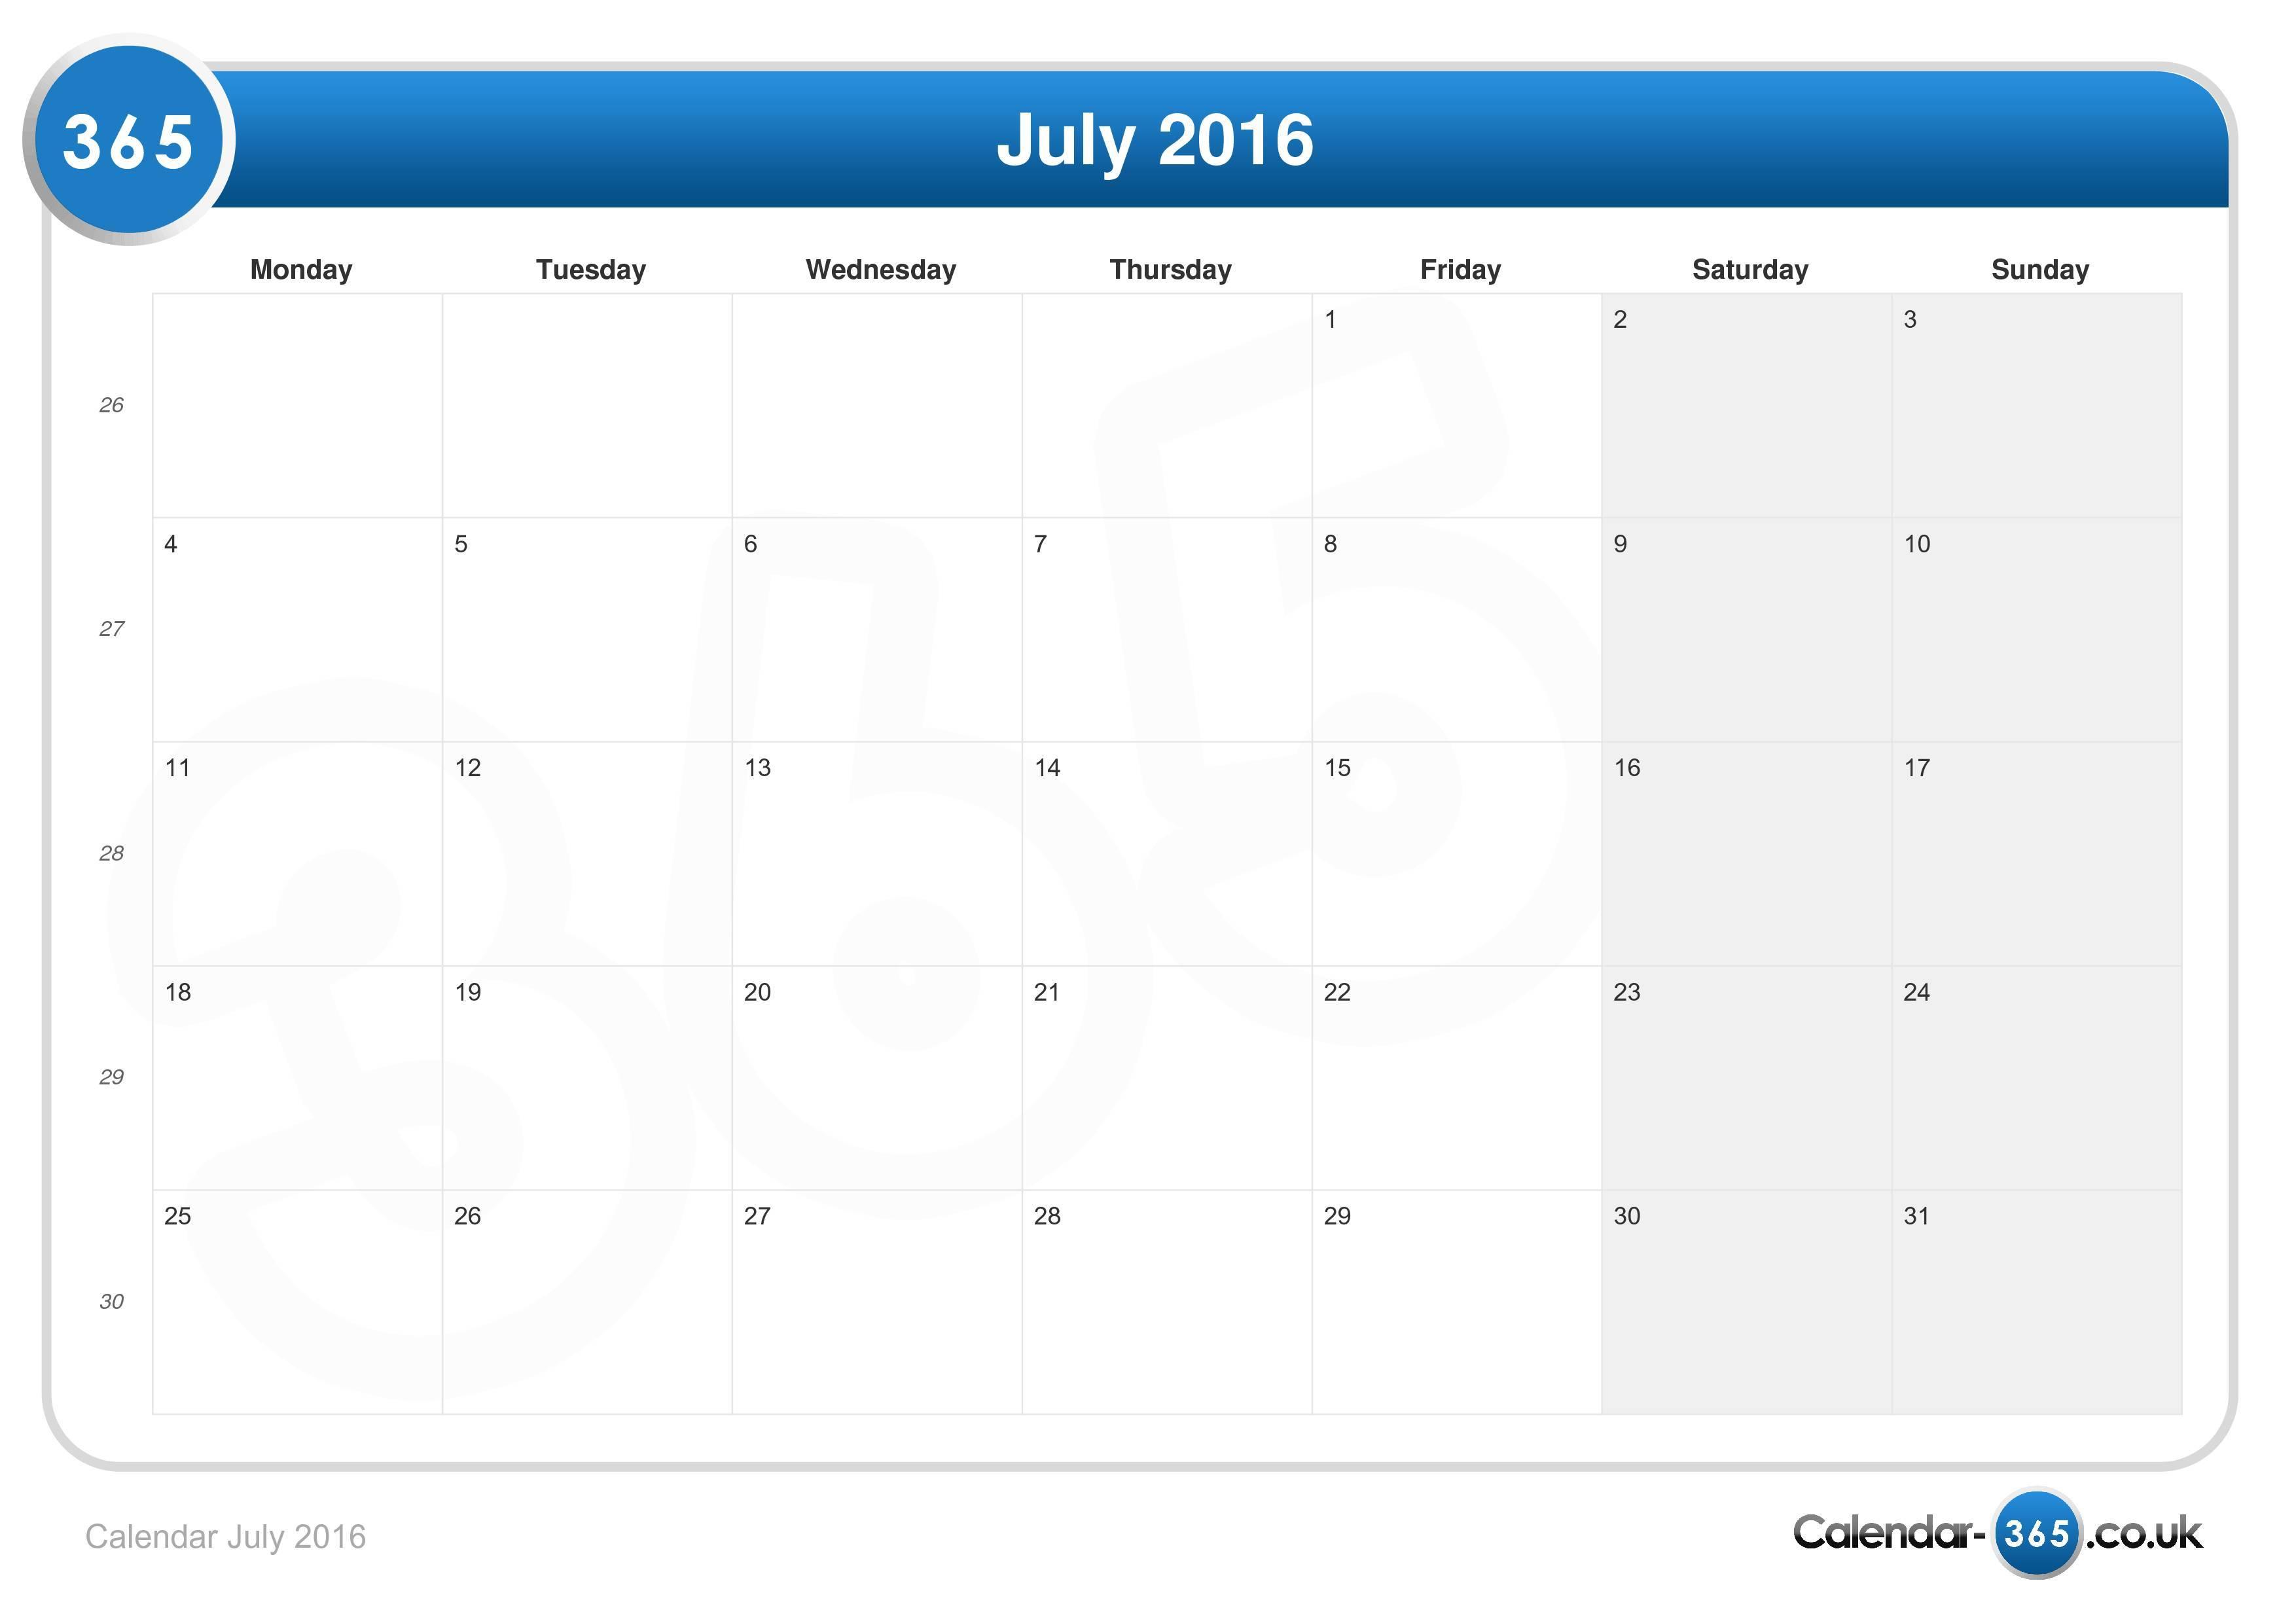 calendar-july-2016.jpg